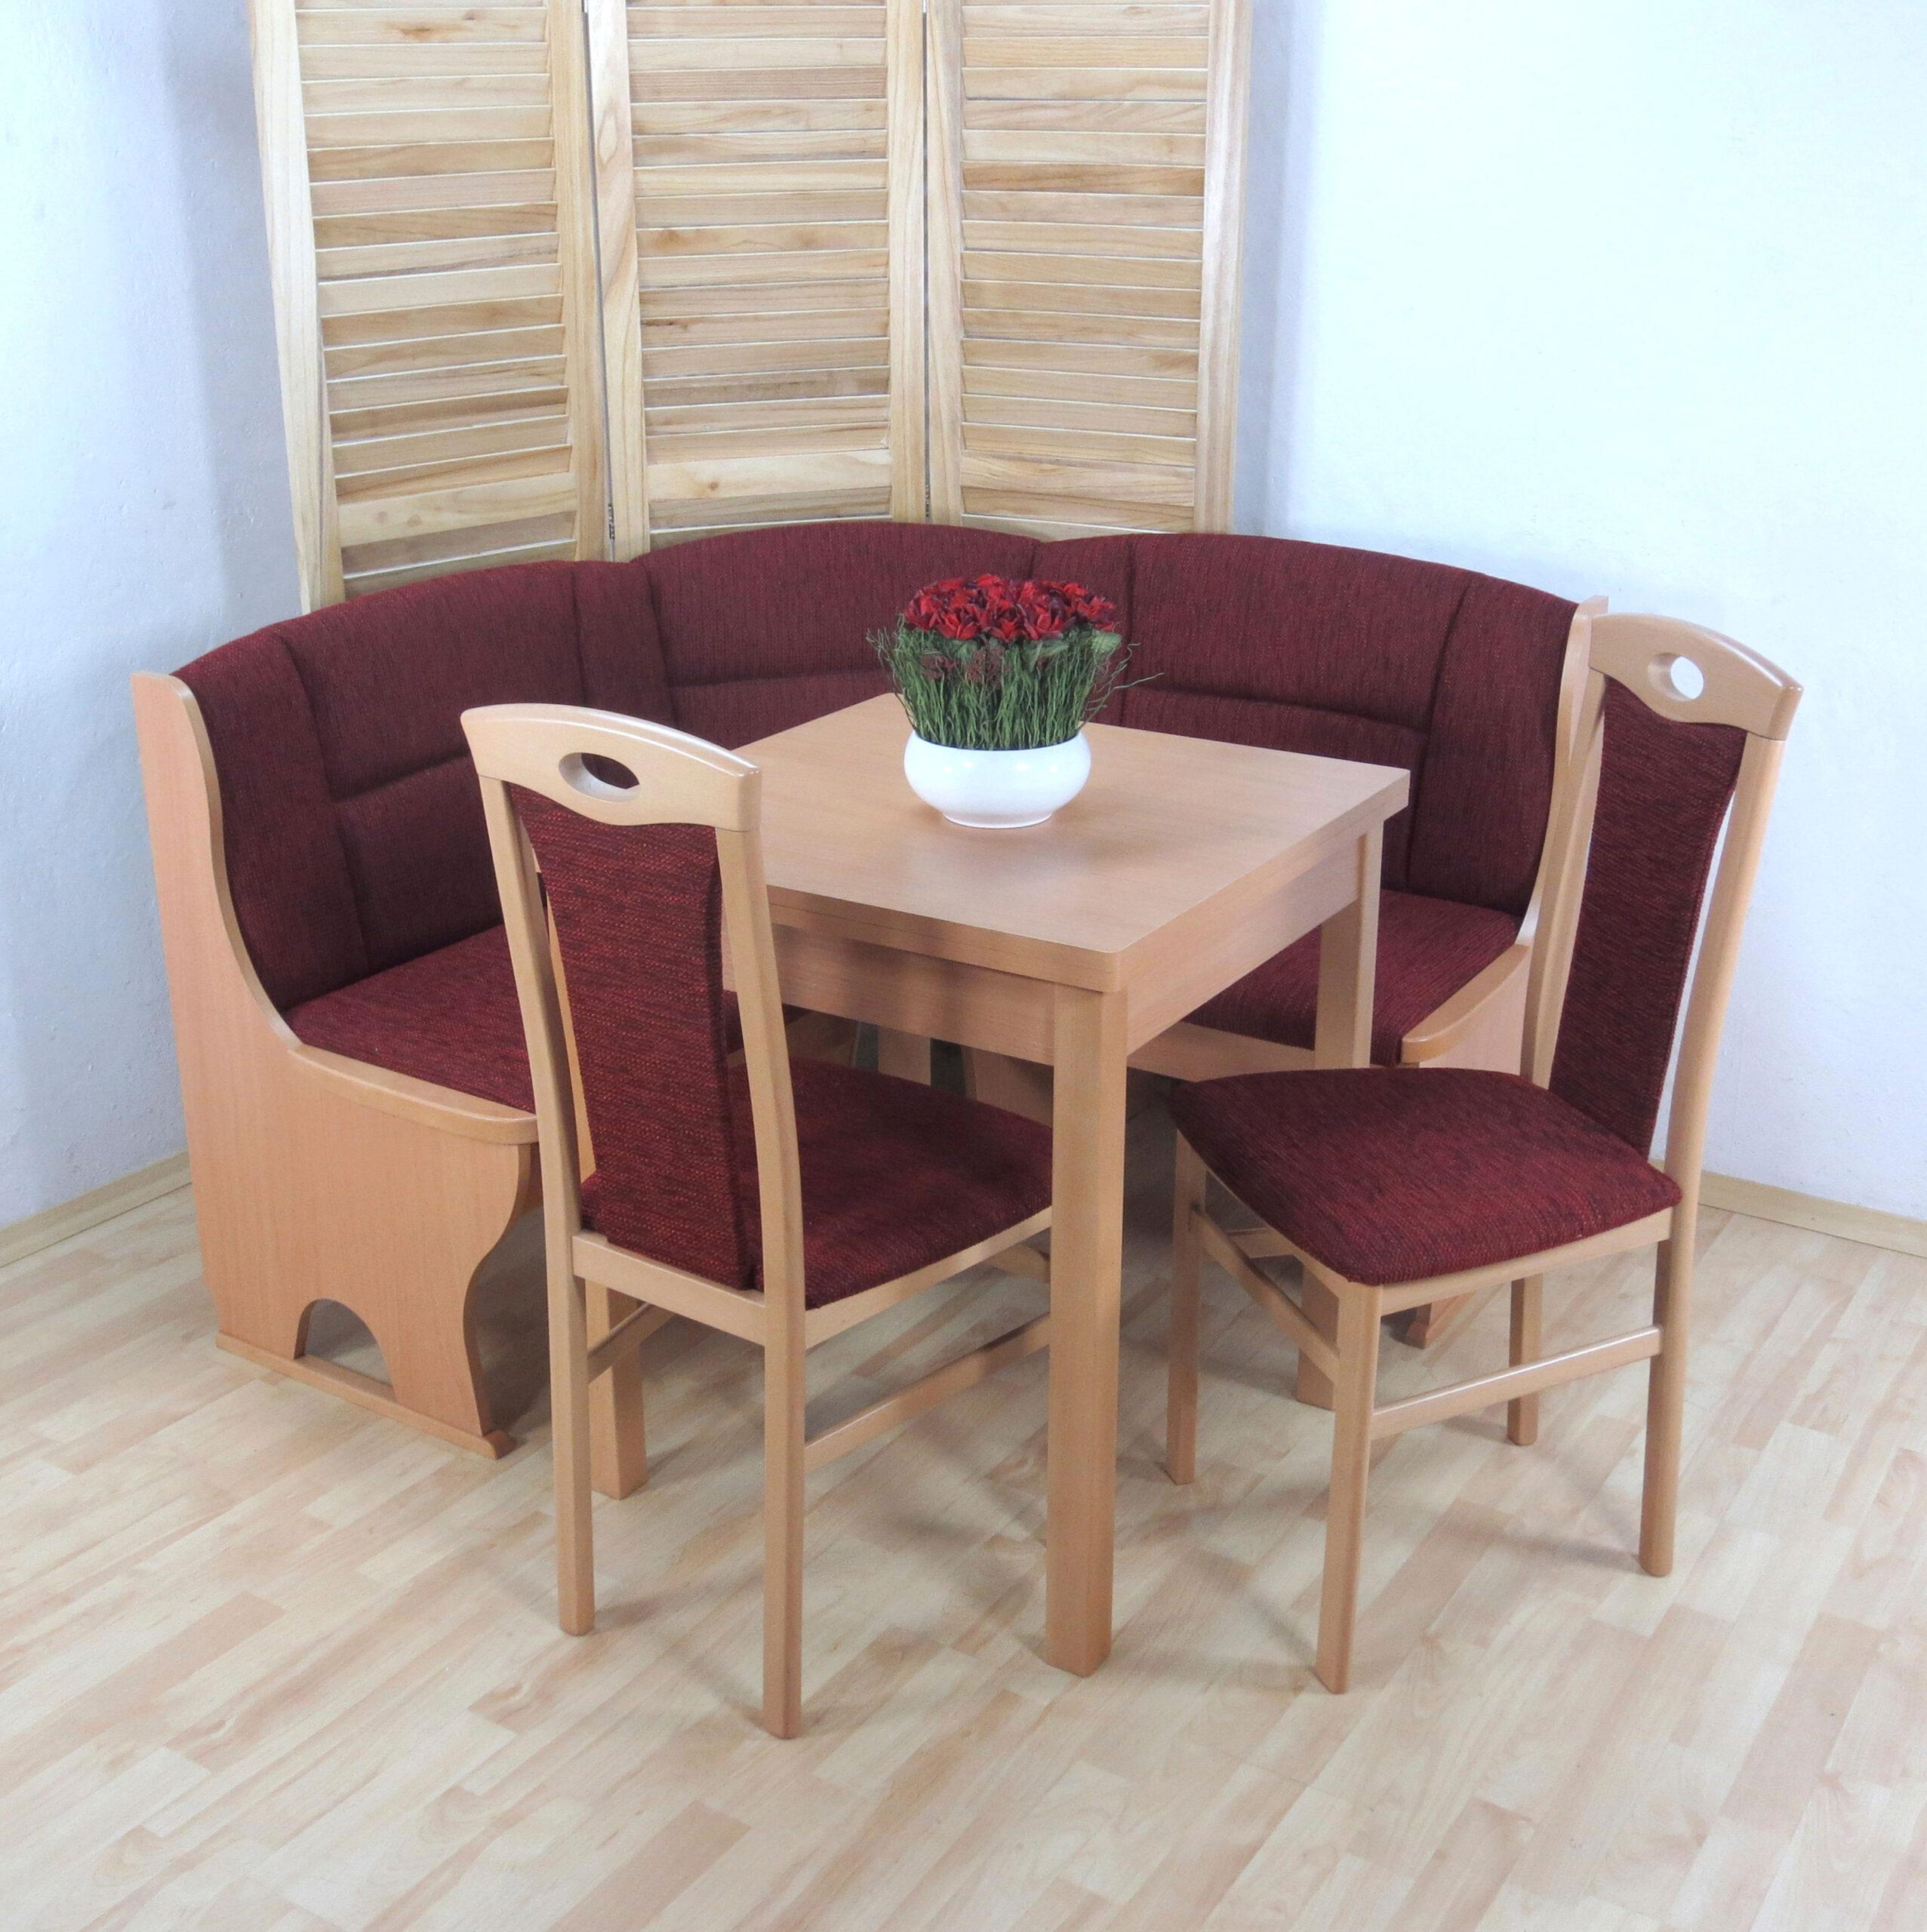 Full Size of Kche Kaufen Gnstig Ikea Inspirierend Stehhilfe Küche Modulküche Kosten Betten Bei Miniküche Sofa Mit Schlaffunktion 160x200 Wohnzimmer Stehhilfe Ikea